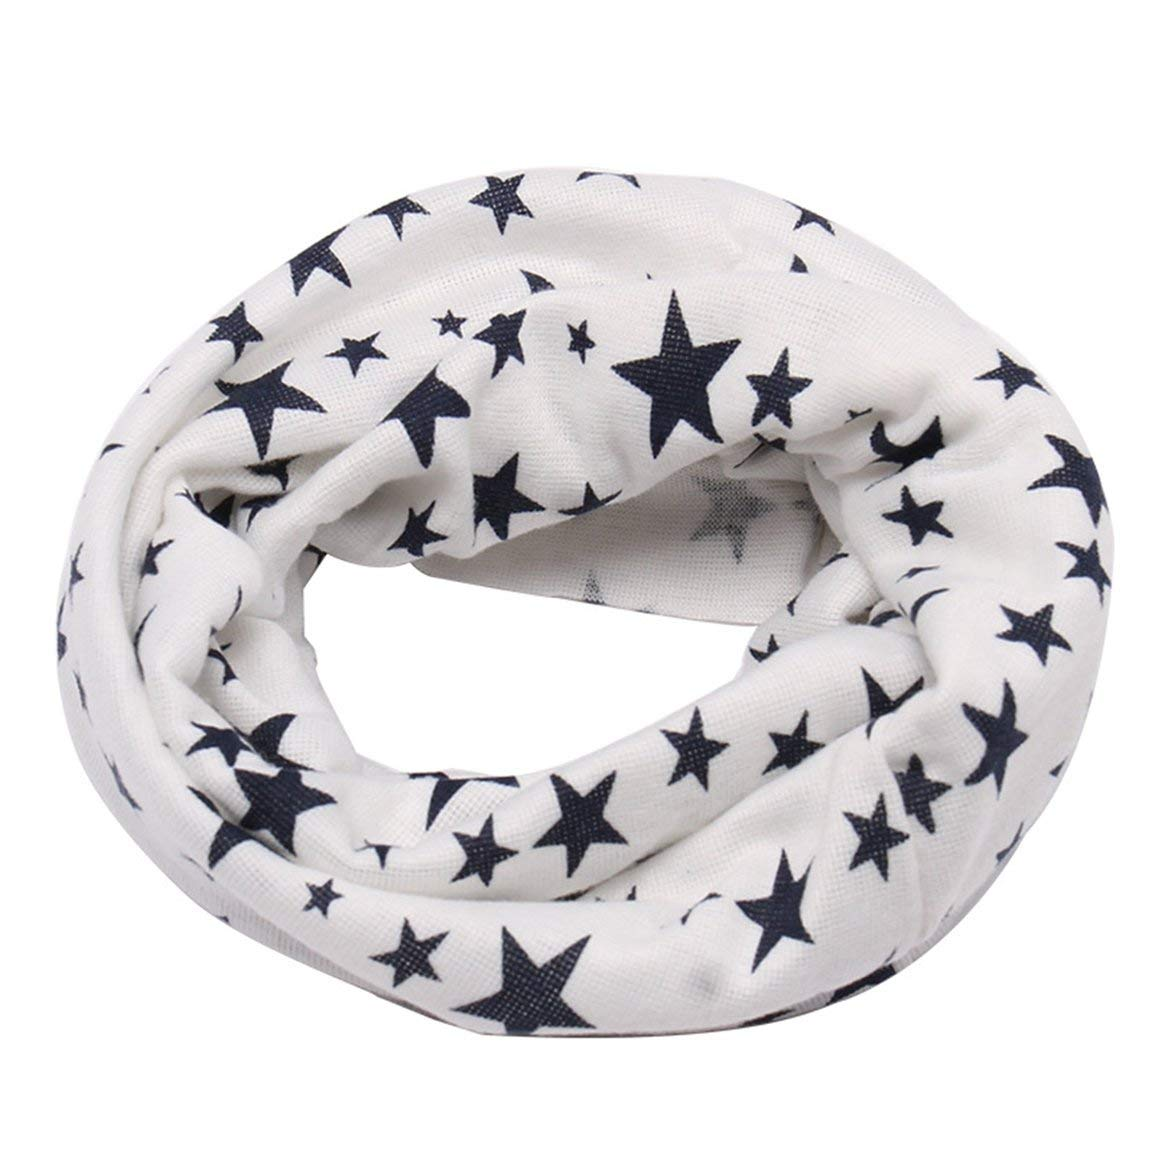 Couleur: blanc /Écharpe Enfants Col Unisexe Cou Foulards Star D/écoration Anneau Solid Design Gar/çons Filles Foulards V/êtements Accessoires